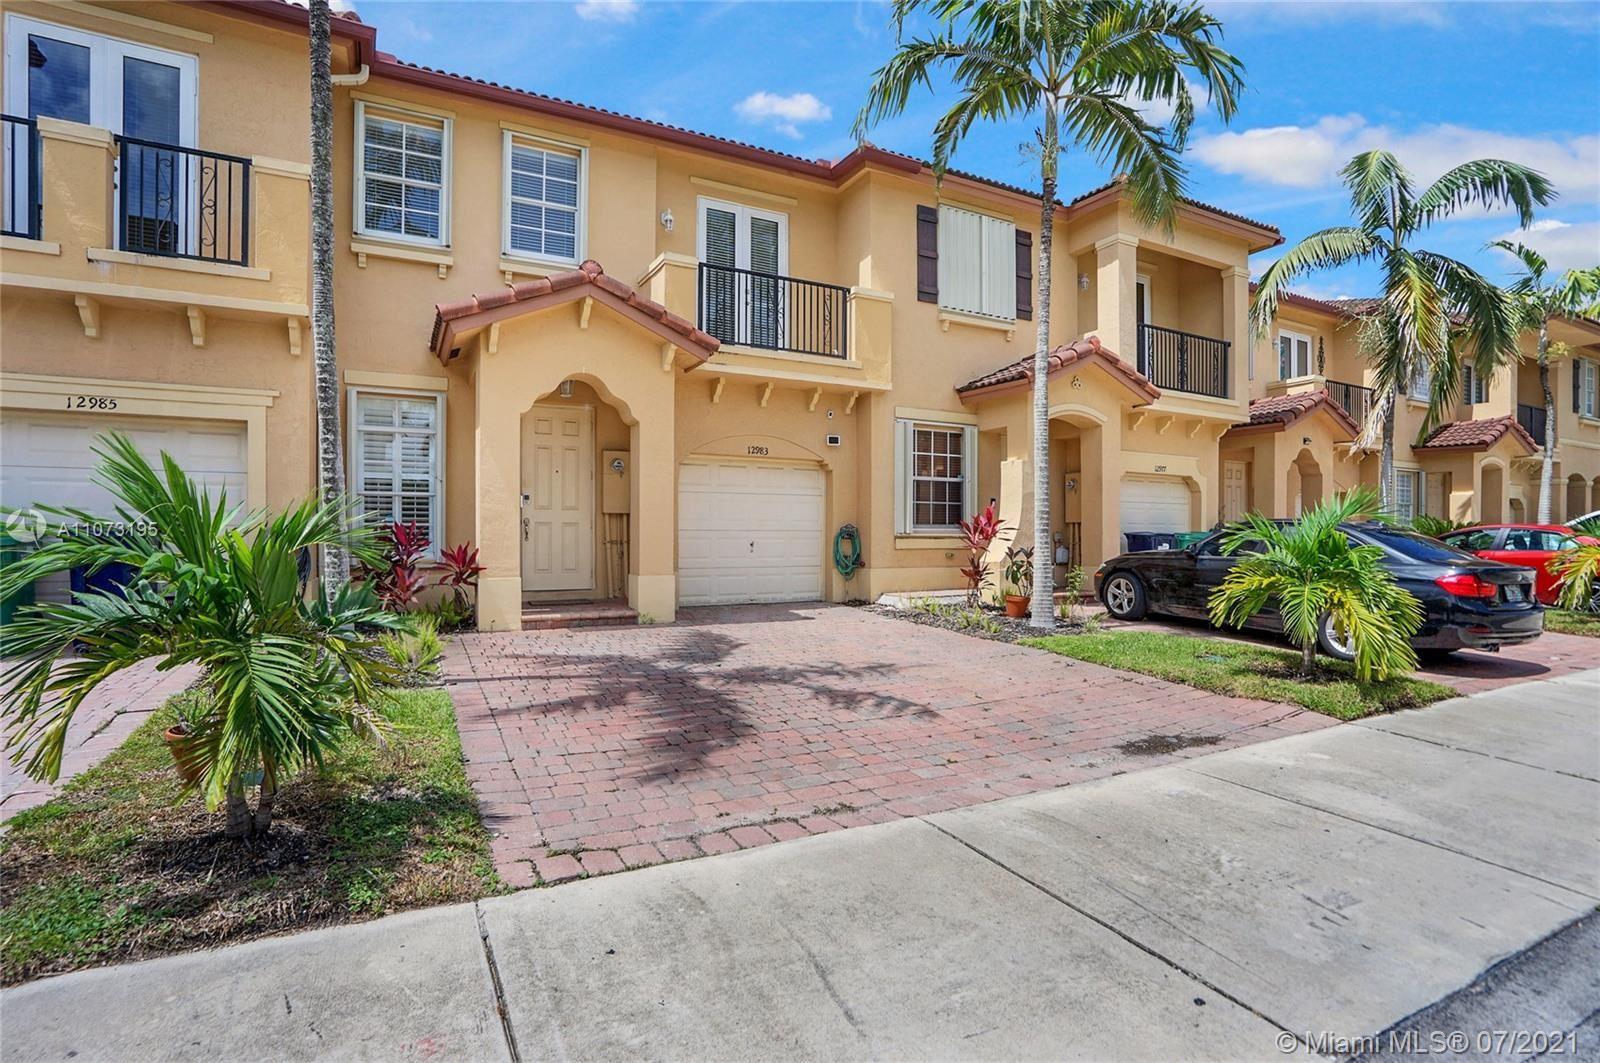 12983 SW 135th Ter #12983, Miami, FL 33186 - #: A11073195